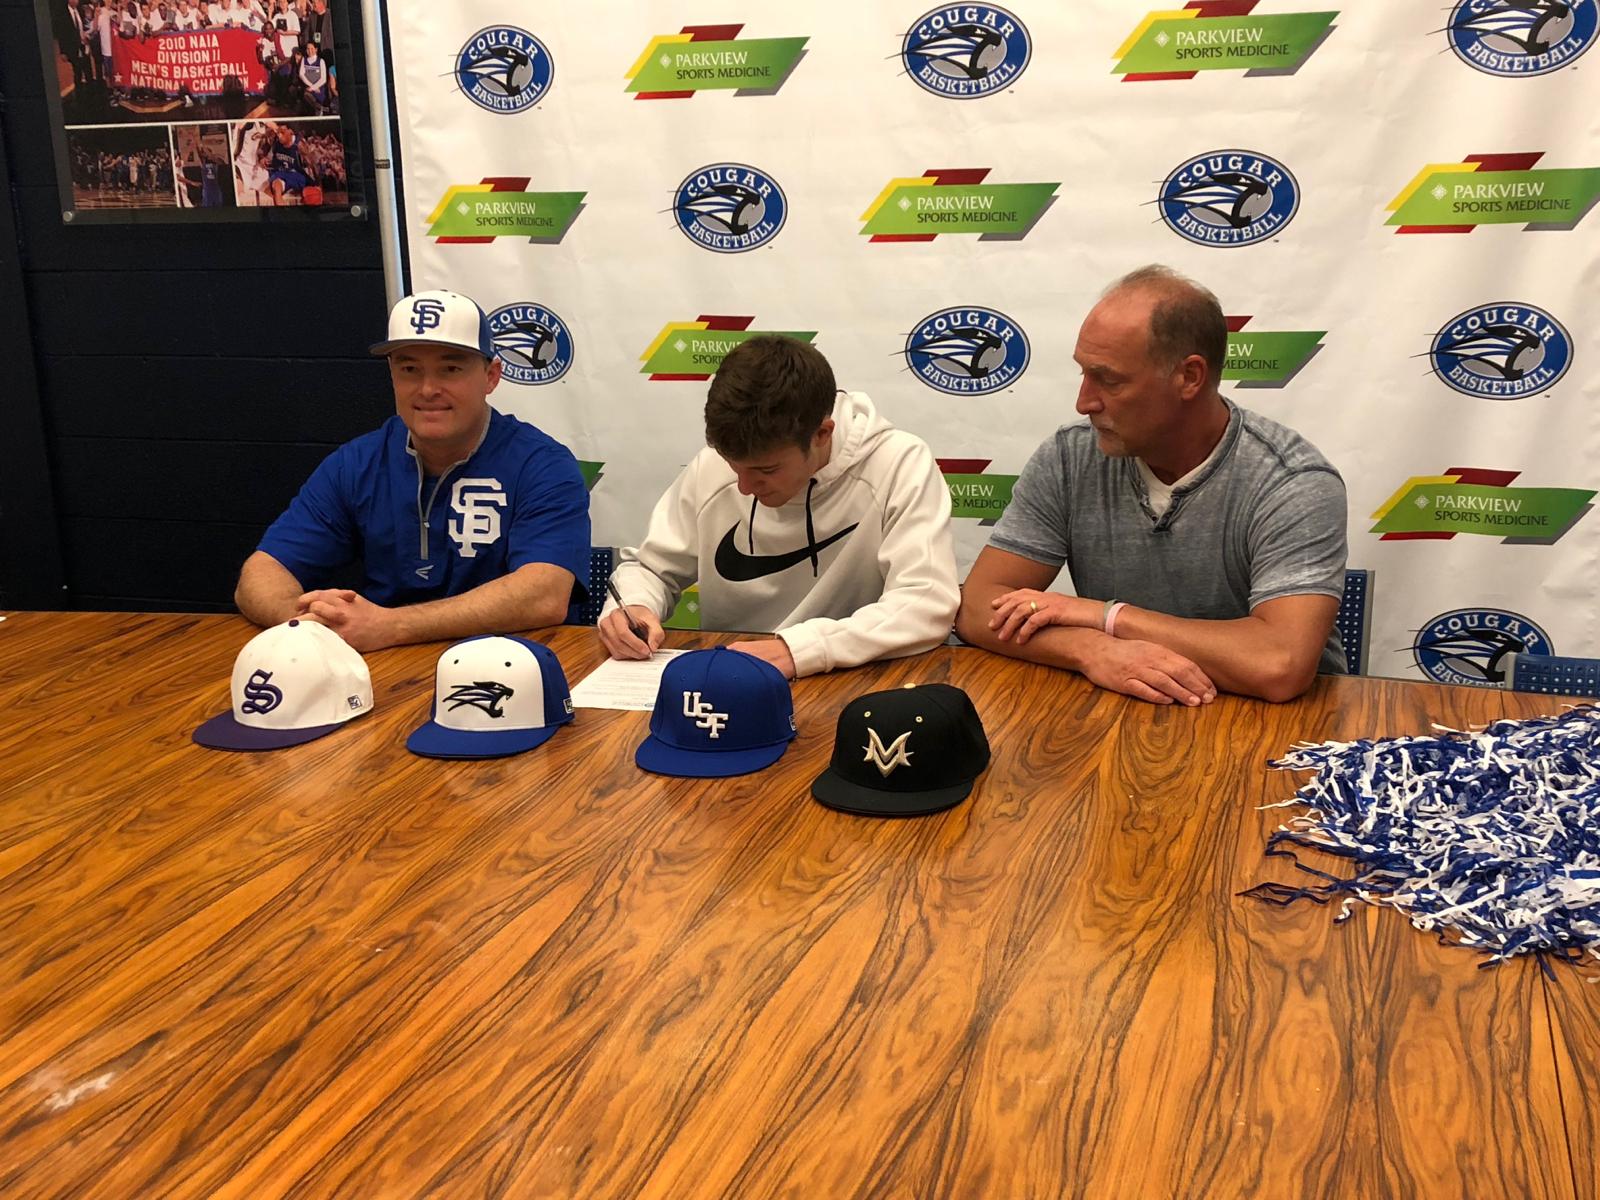 Bradley Turner to play baseball at Saint Francis